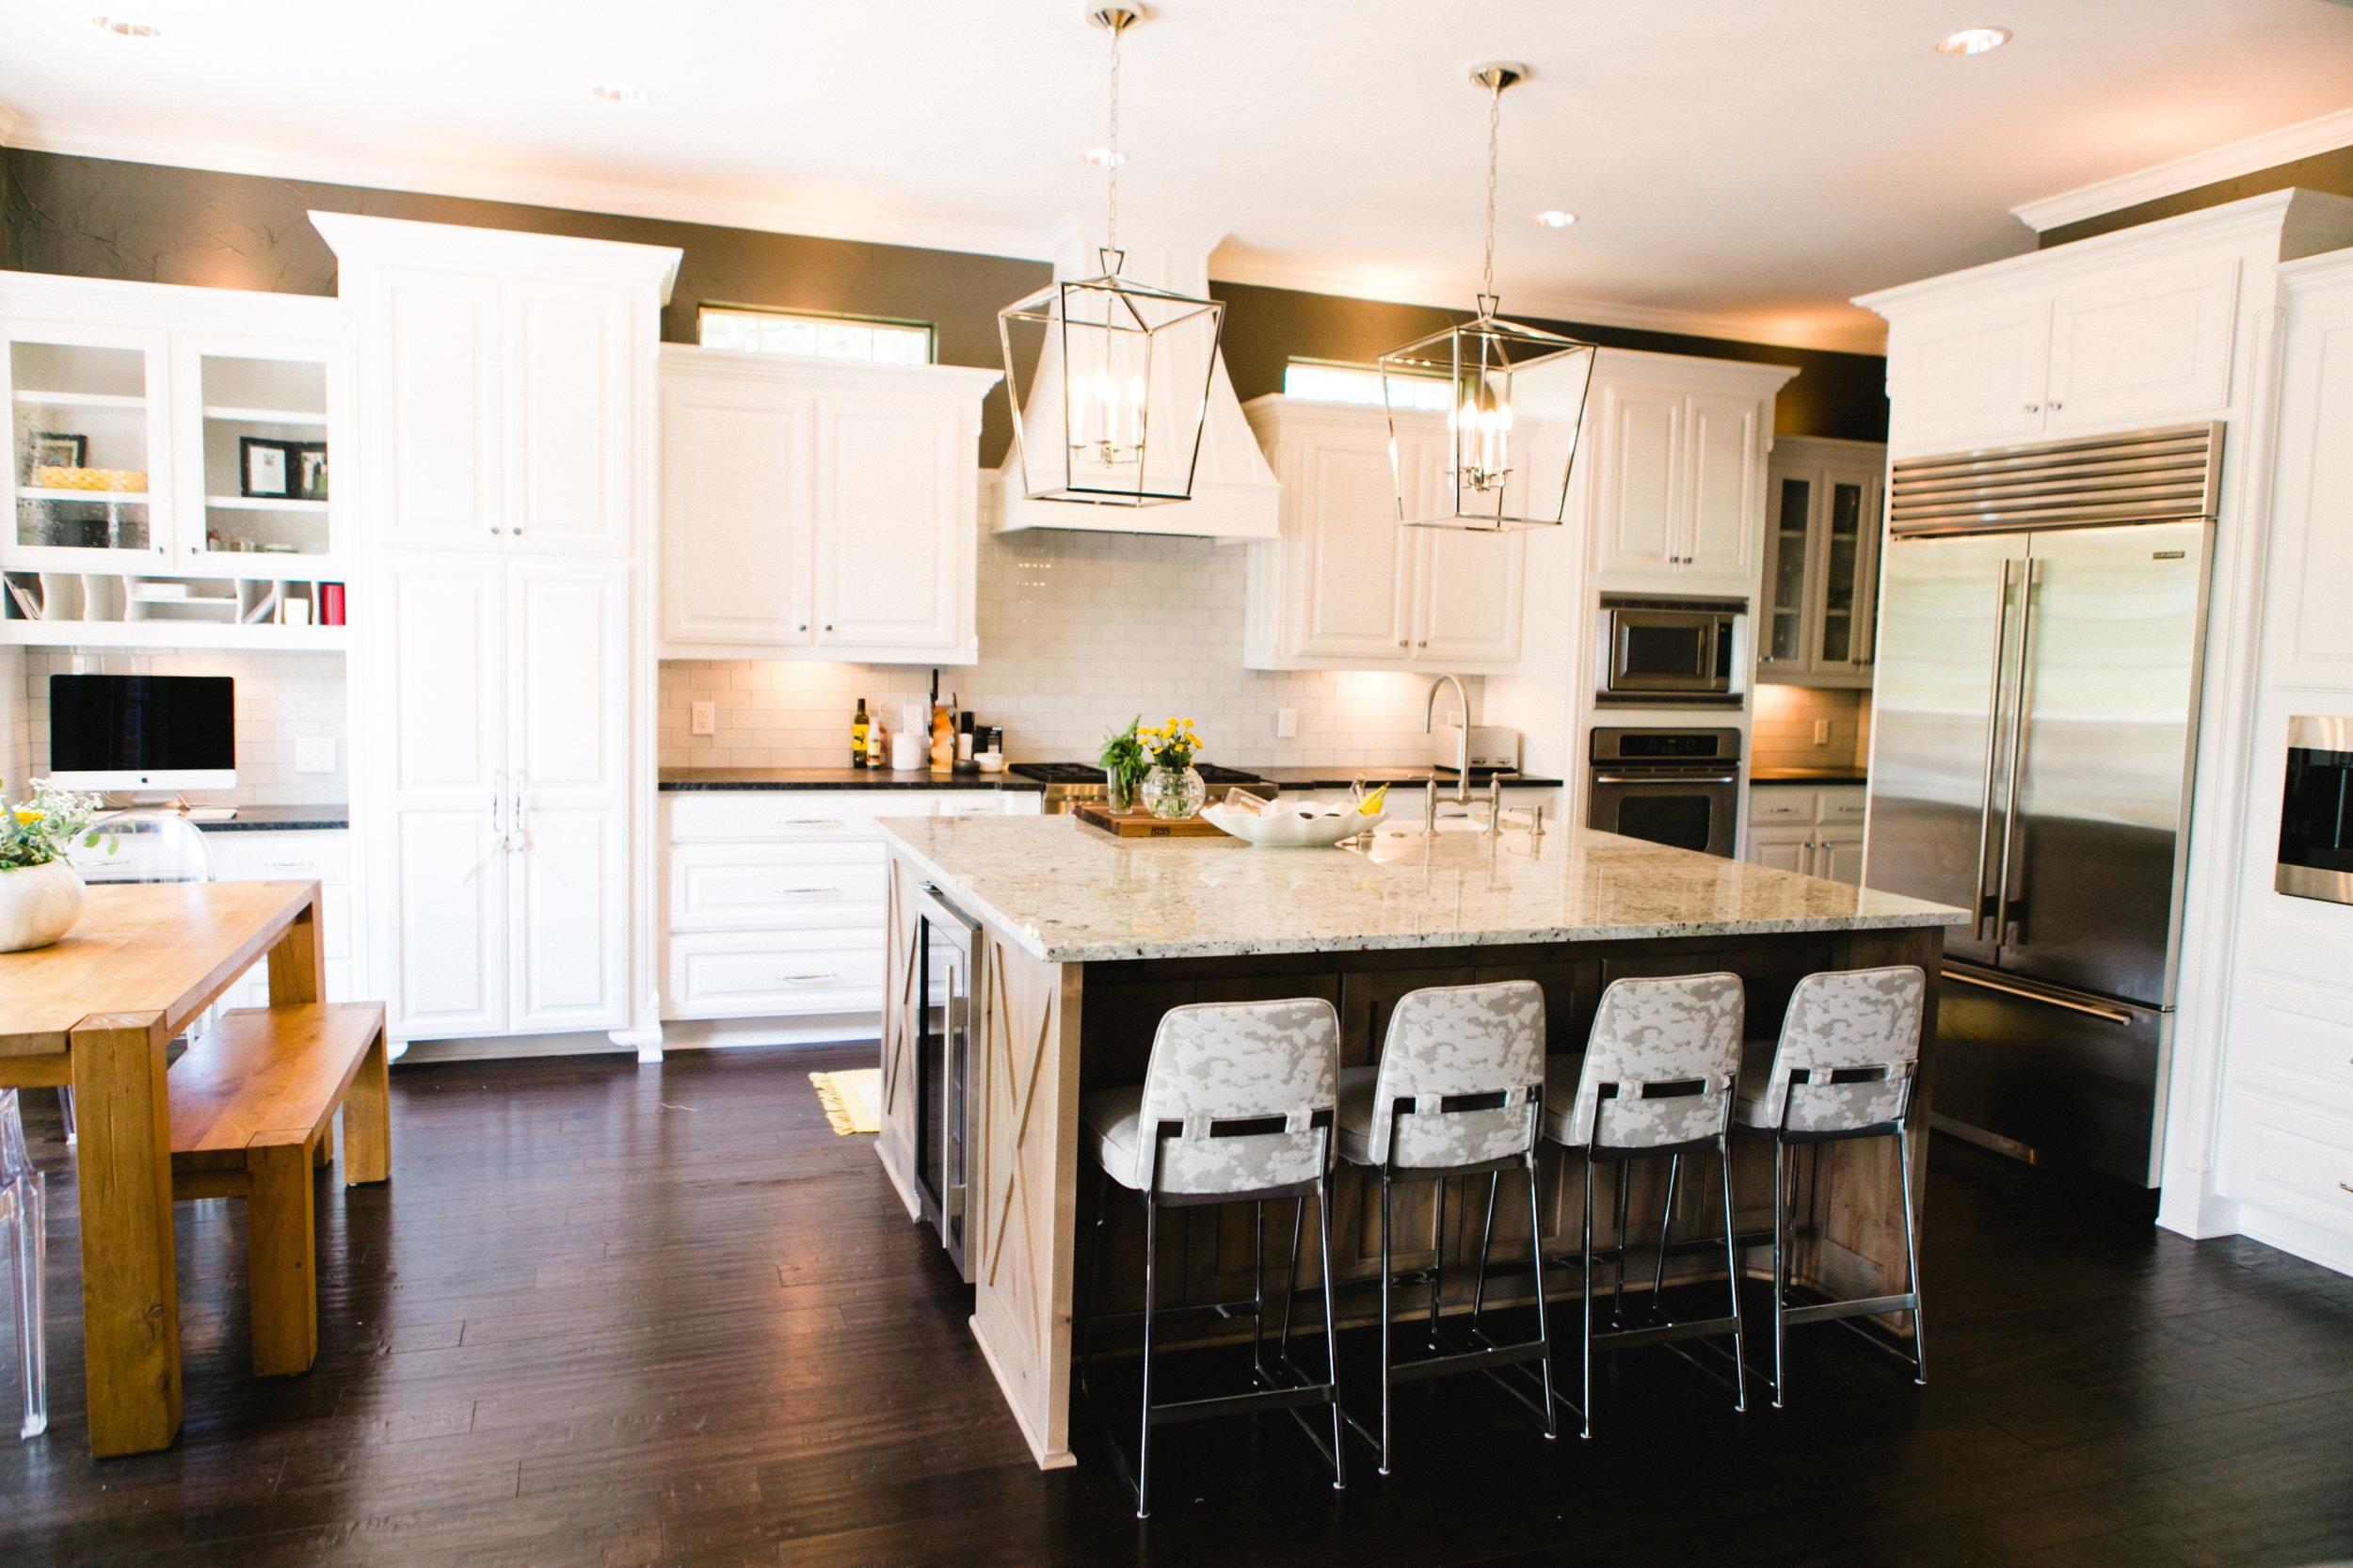 Southlake Kitchen Remodel 29.jpg